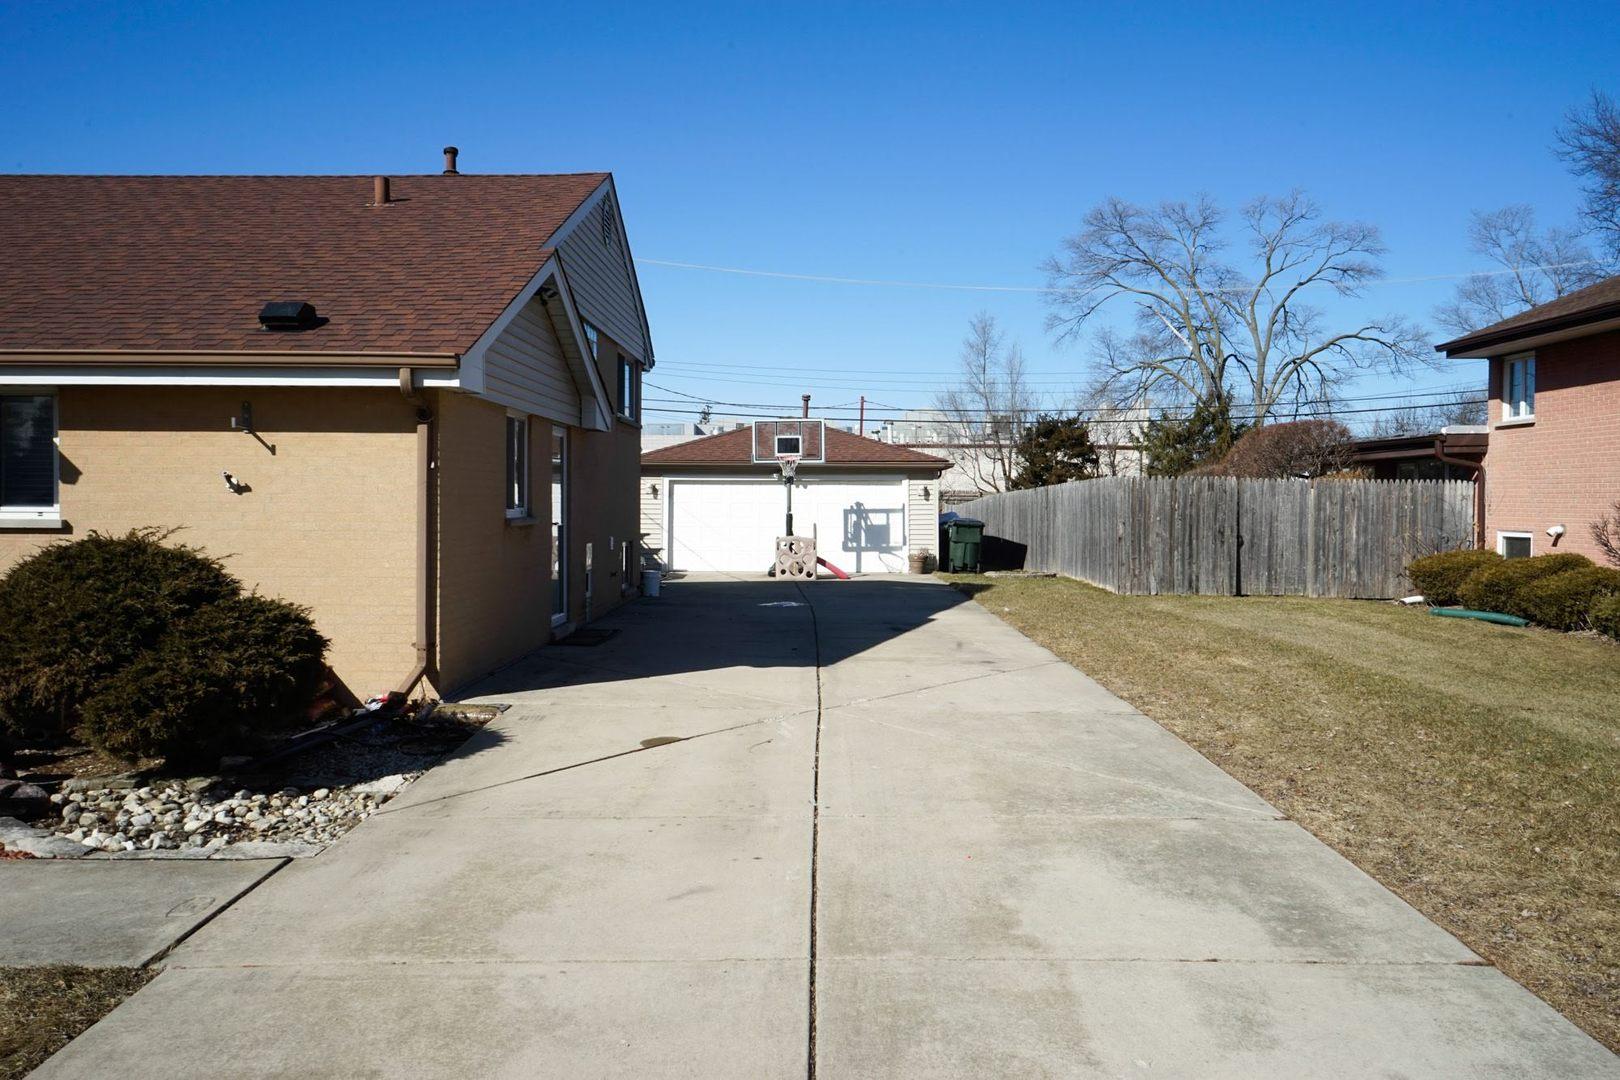 8506 West Carol Street - photo 2